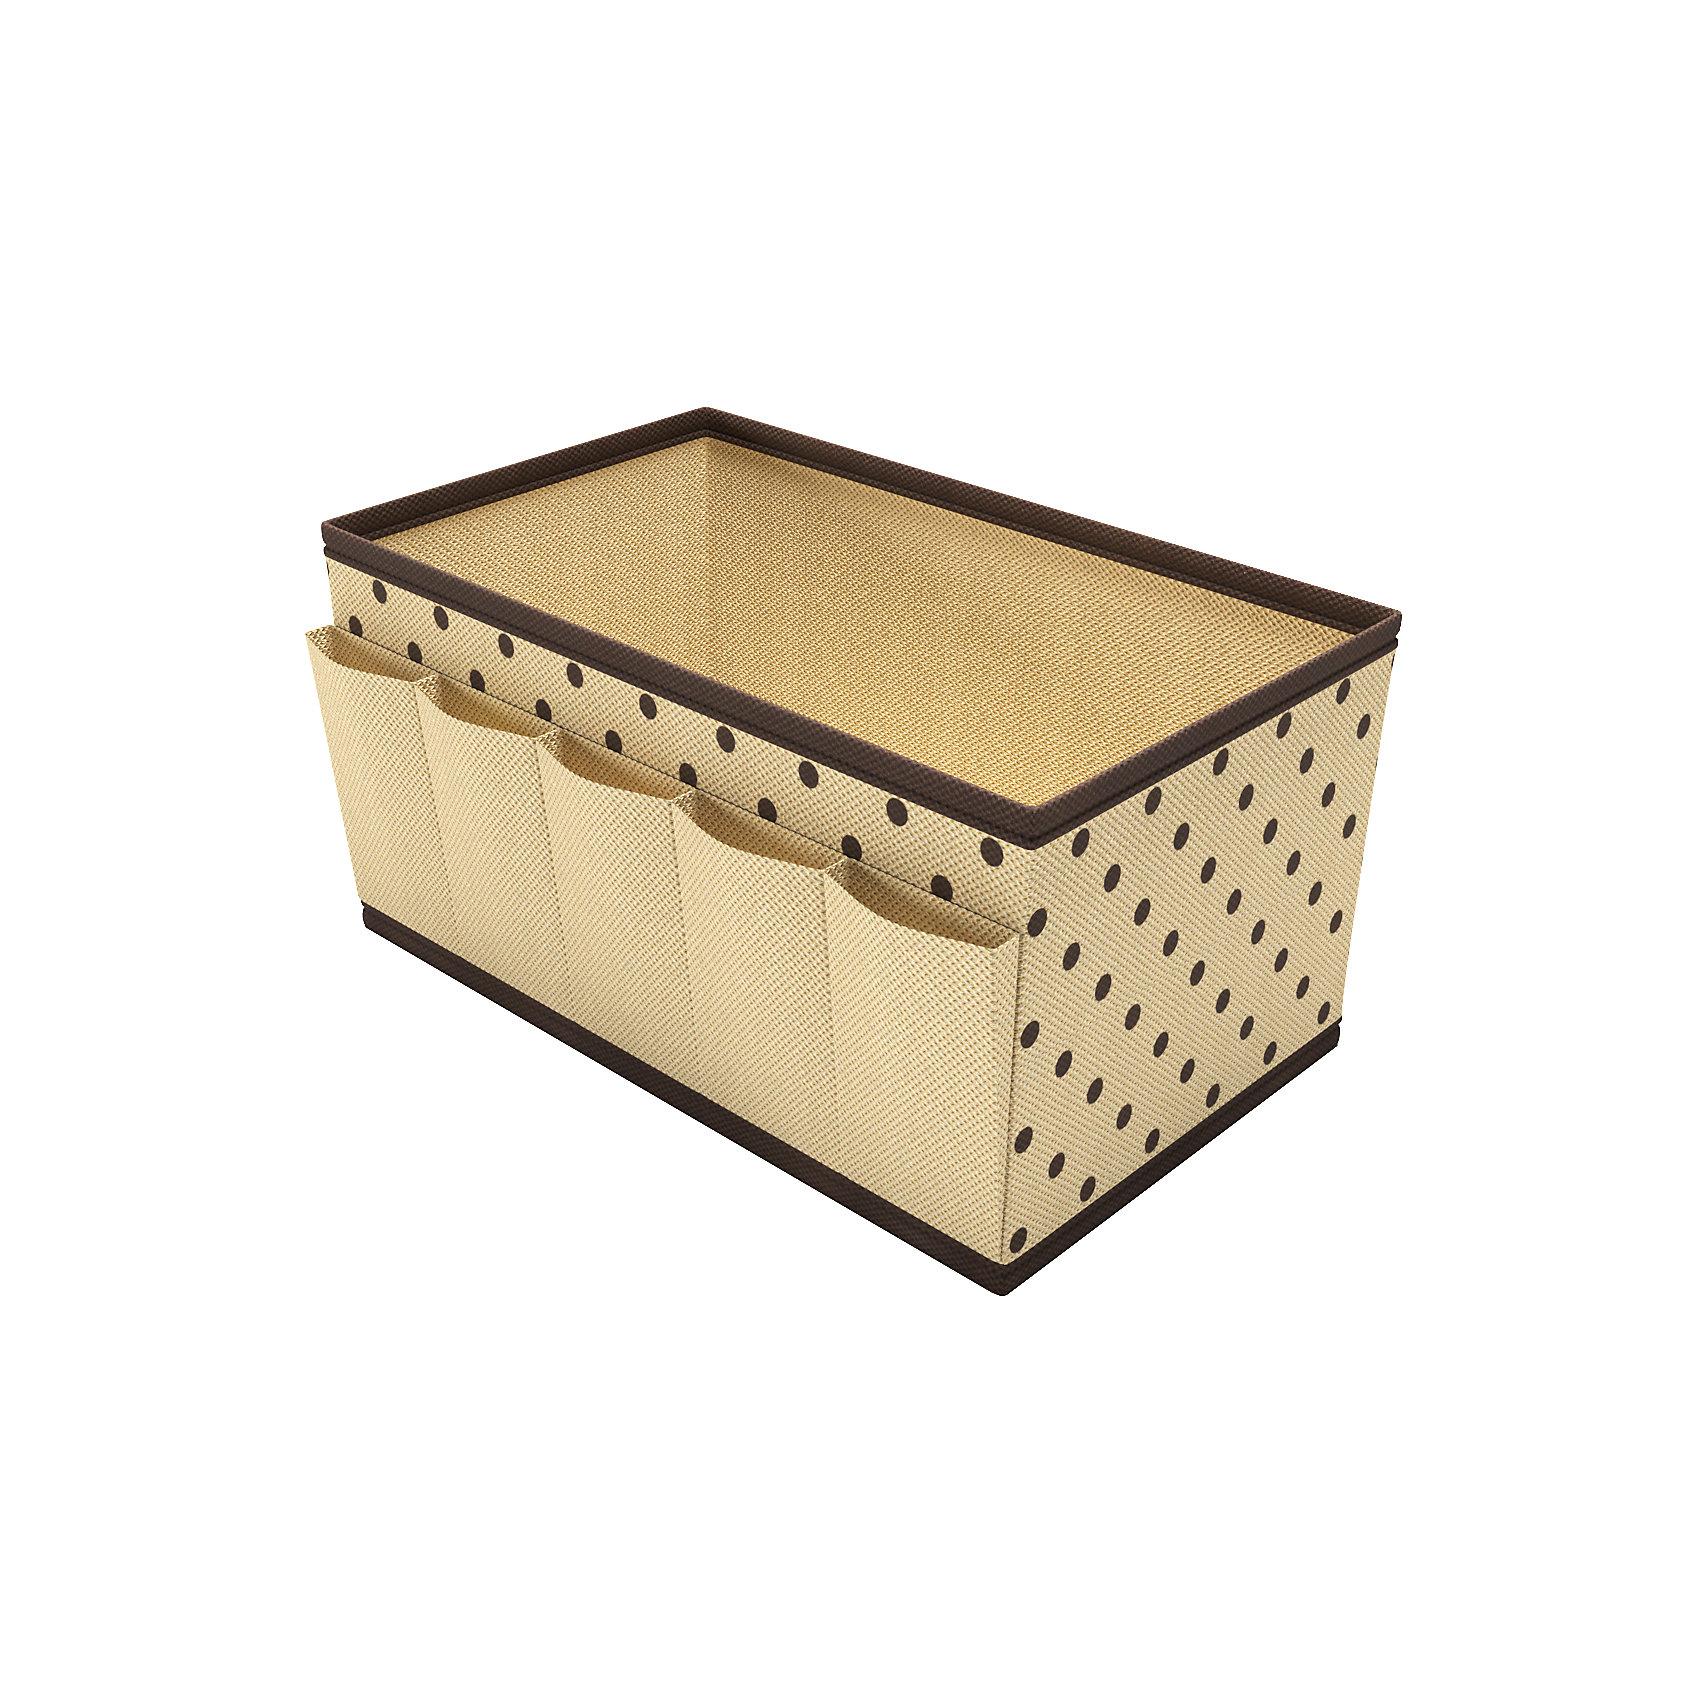 Органайзер на стол для косметики и украшений, HomsuПорядок в детской<br>Характеристики товара:<br><br>• цвет: бежевый<br>• материал: полиэстер, картон<br>• размер: 25х15х13 см<br>• вес: 100 г<br>• легкий прочный каркас<br>• обеспечивает естественную вентиляцию<br>• вместимость: 6 отделений<br>• страна бренда: Россия<br>• страна изготовитель: Китай<br><br>Органайзер на стол для косметики и украшений от бренда Homsu (Хомсу) - очень удобная вещь для хранения вещей и эргономичной организации пространства.<br><br>Предмет легкий, устойчивый, вместительный, обеспечивает естественную вентиляцию.<br><br>Органайзер на стол для косметики и украшений, Homsu можно купить в нашем интернет-магазине.<br><br>Ширина мм: 250<br>Глубина мм: 150<br>Высота мм: 20<br>Вес г: 100<br>Возраст от месяцев: 216<br>Возраст до месяцев: 1188<br>Пол: Унисекс<br>Возраст: Детский<br>SKU: 5620102